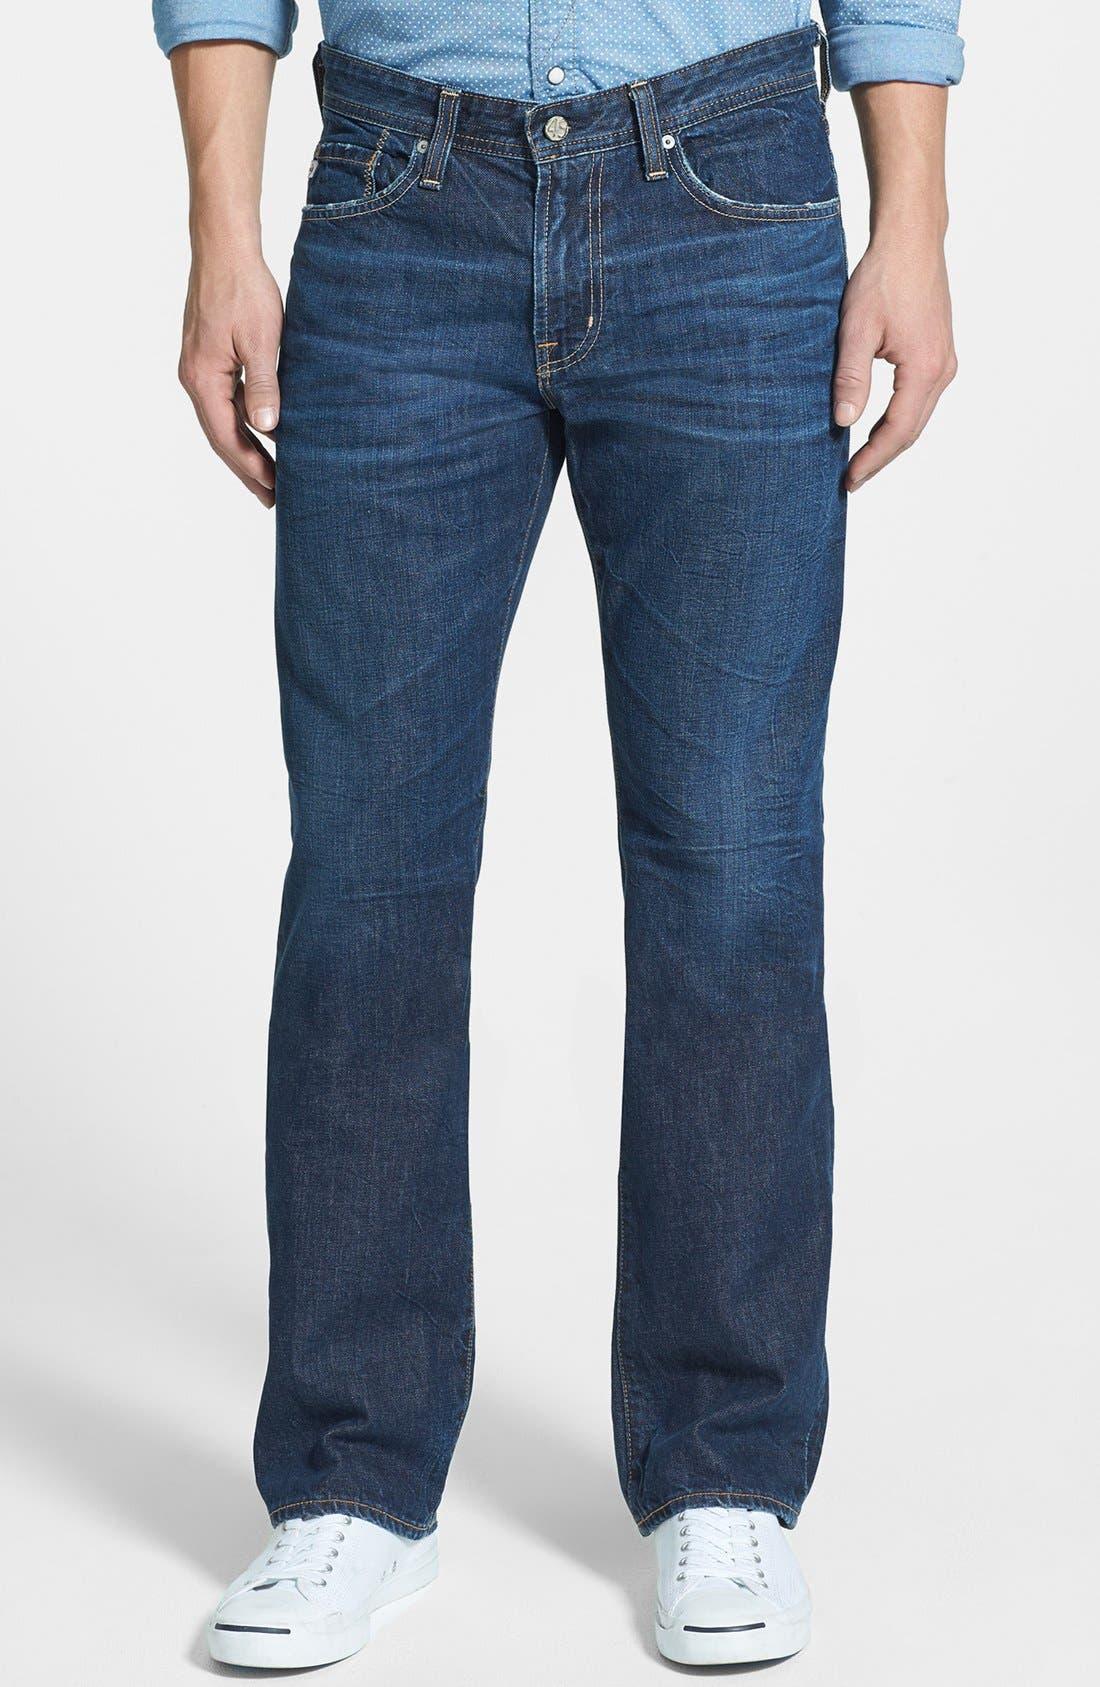 Main Image - AG 'Protégé' Straight Leg Jeans (Five Year Field)